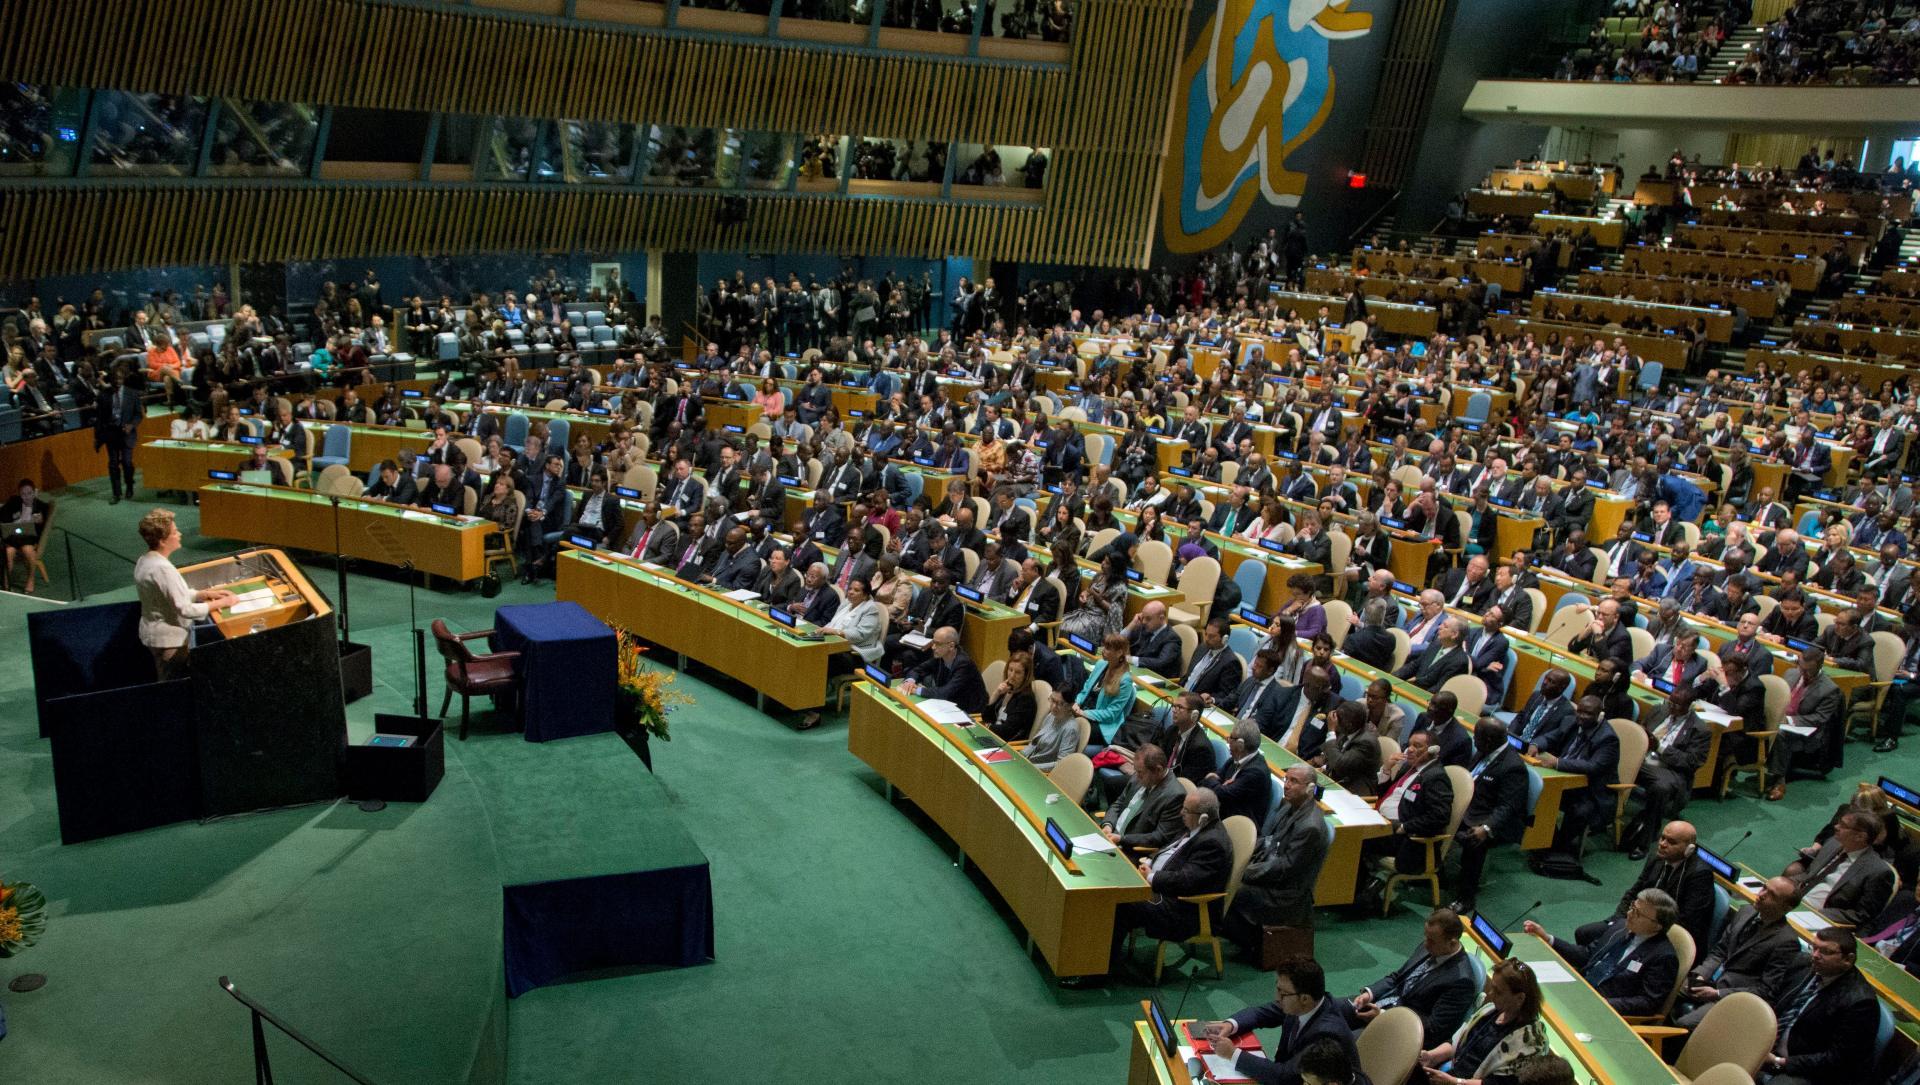 Líderes mundiales en las decisiones climáticas - Foto Mary Altaffer/AP